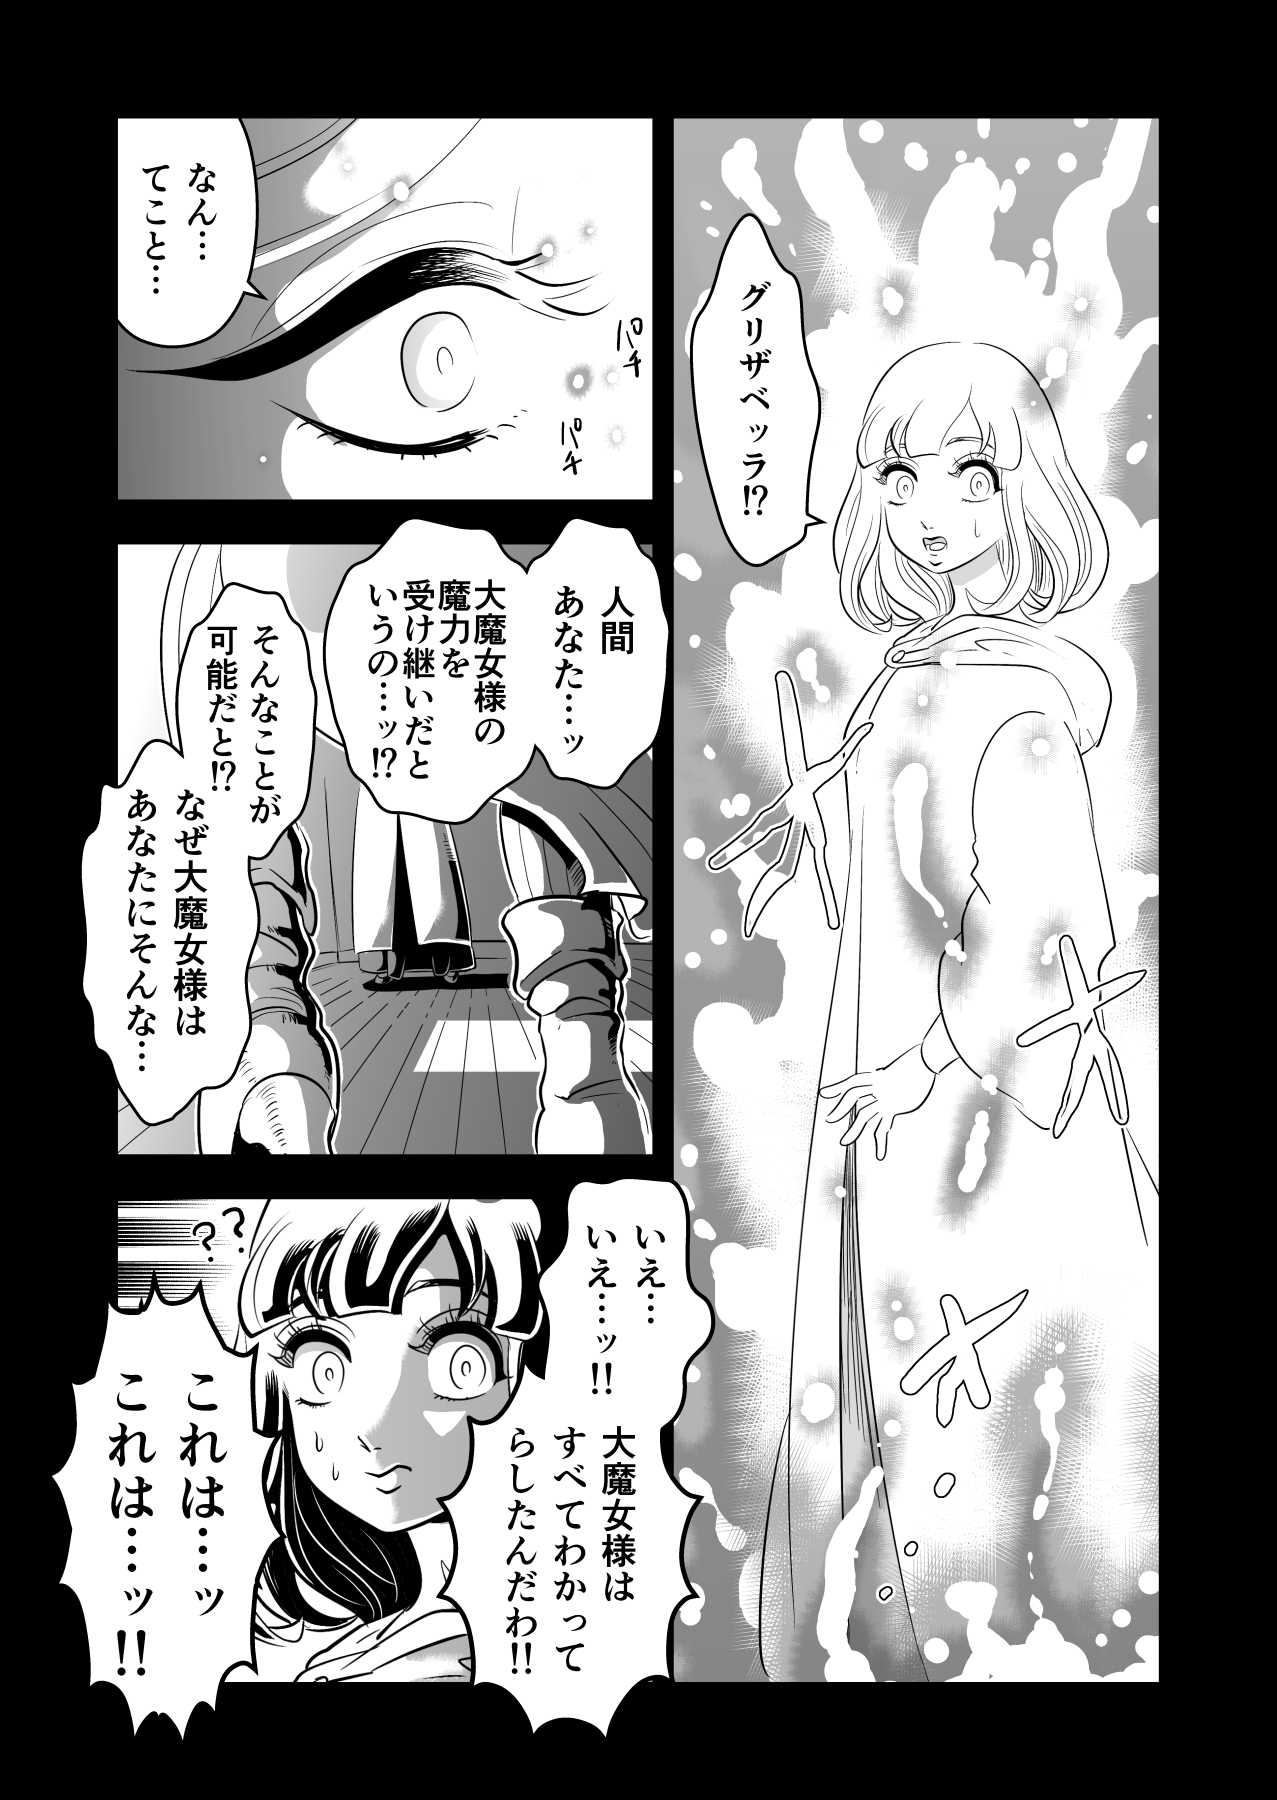 ヤサグレ魔女とグリザベッラと魔女の使い魔0082